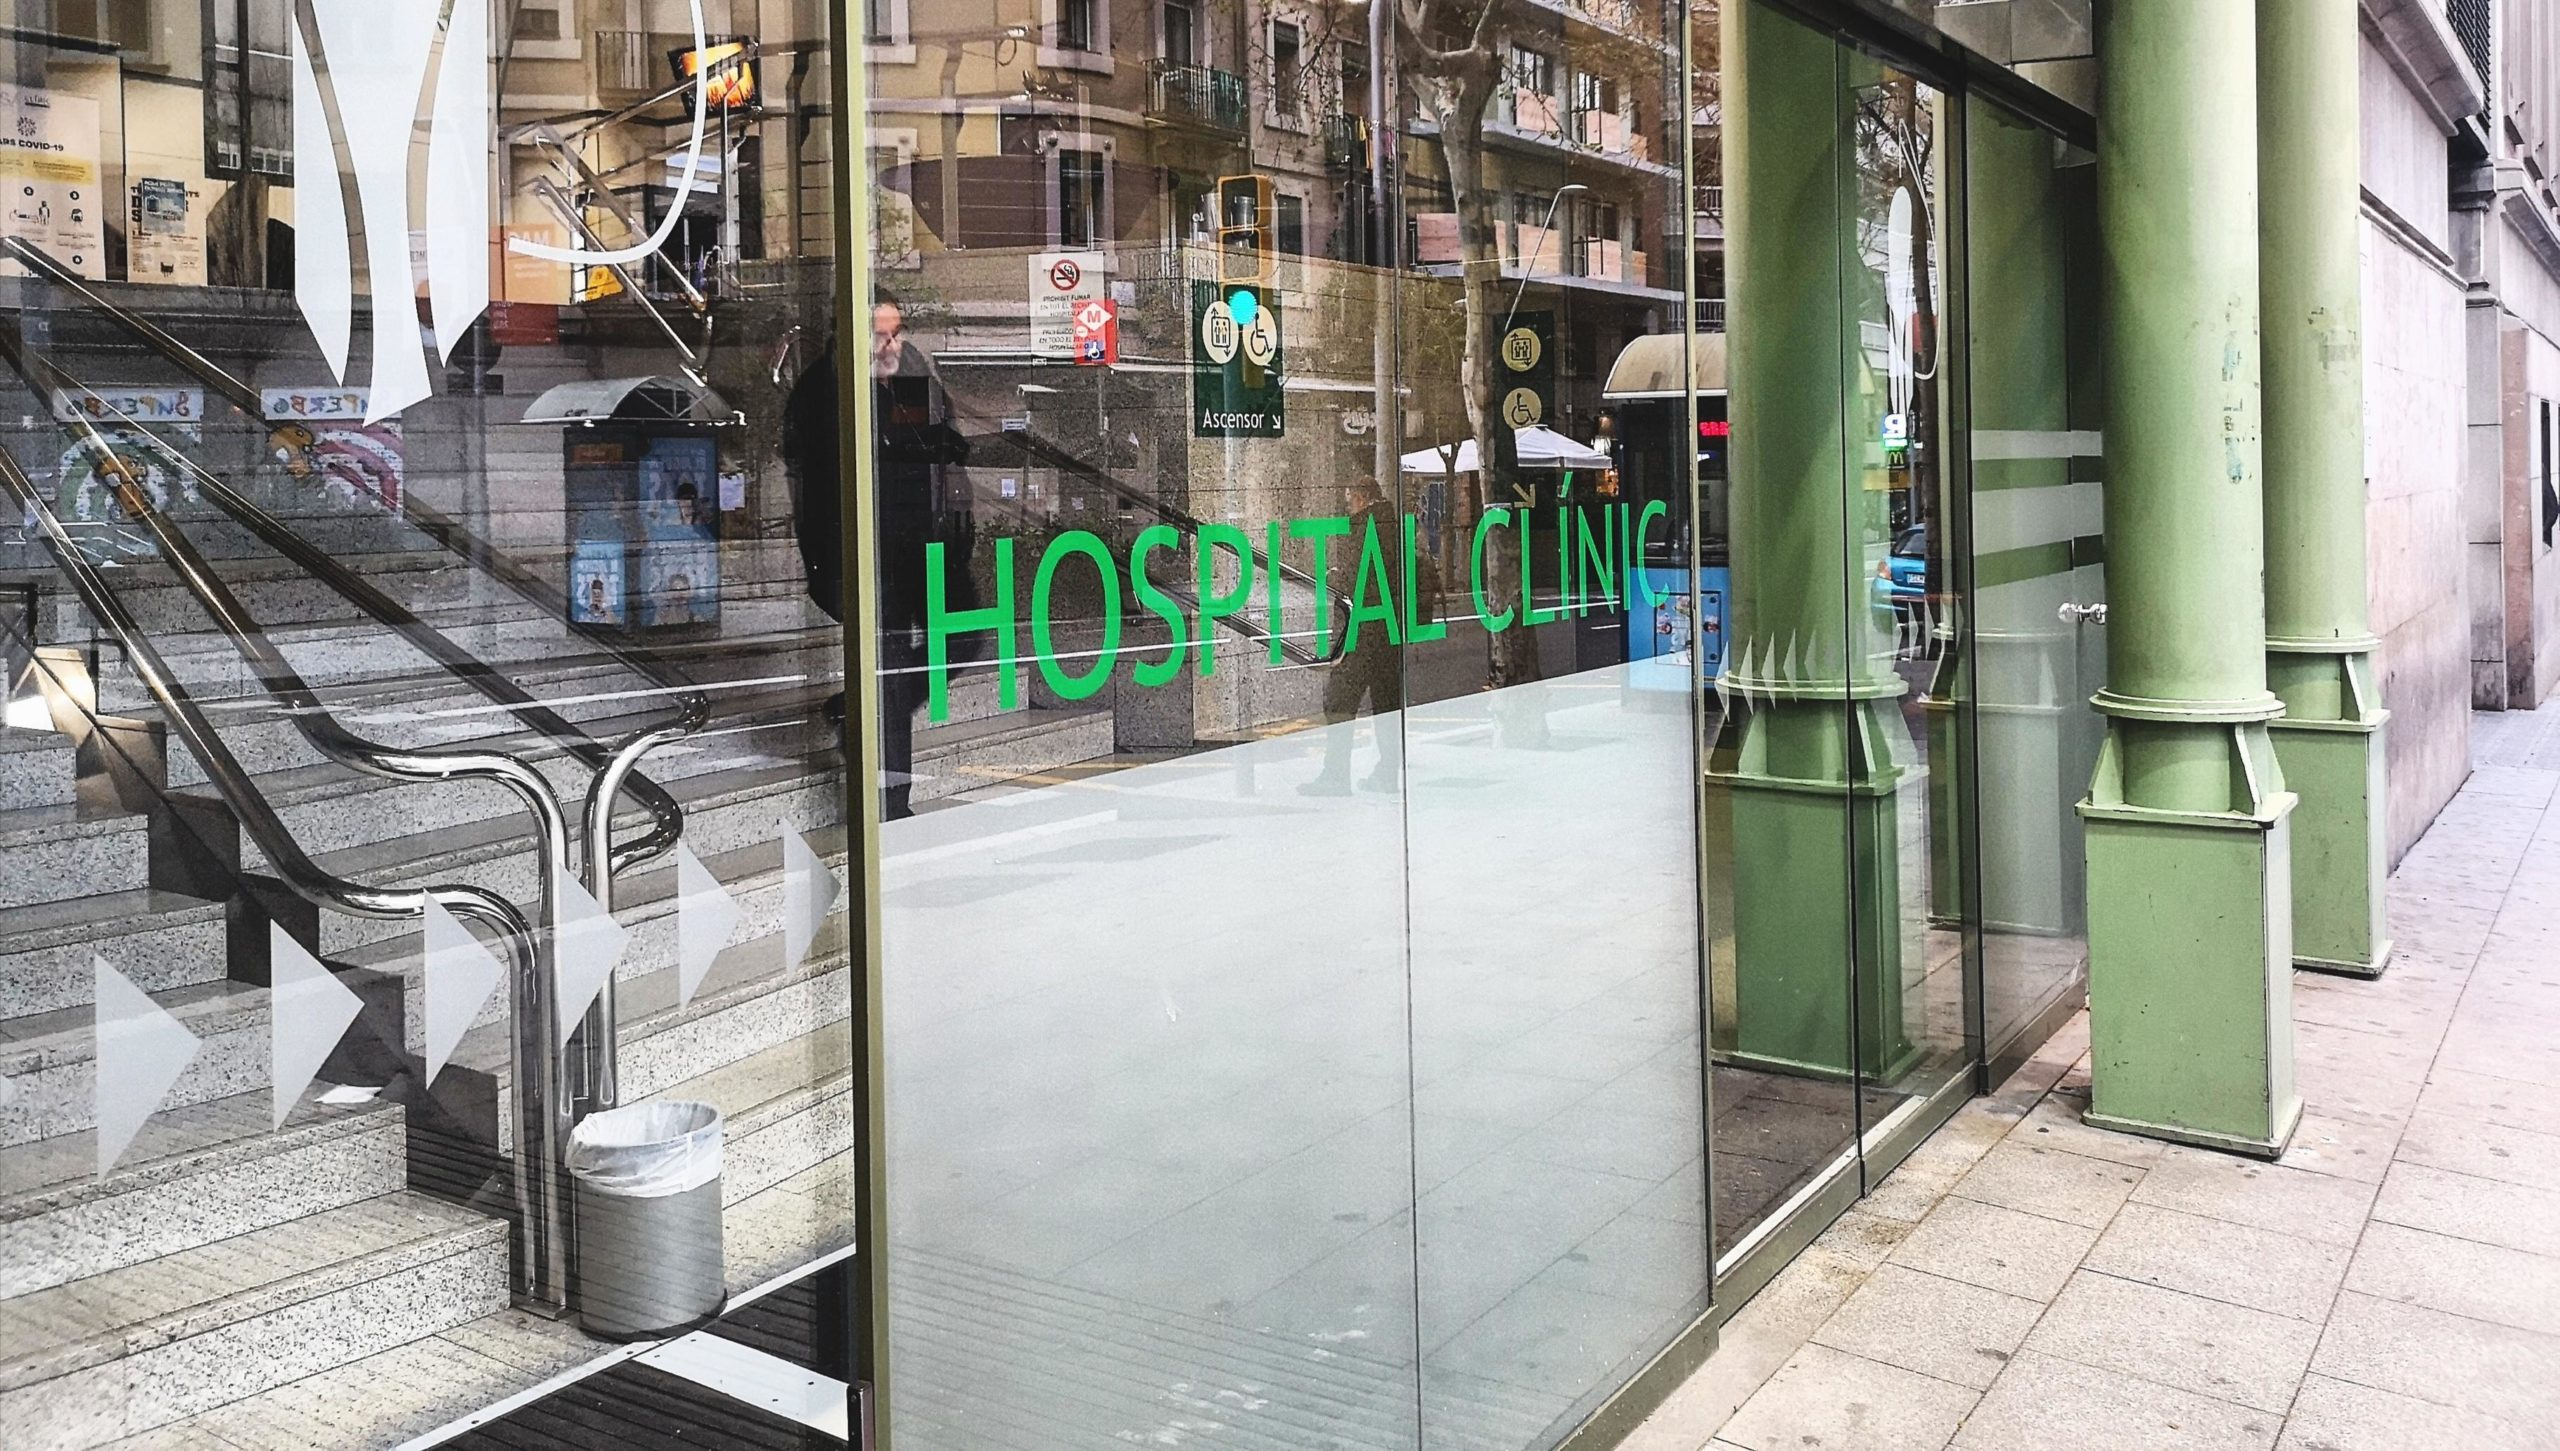 L'entrada a l'Hospital Clínic pel carrer Villarroel, en imatge d'arxiu / D.C.